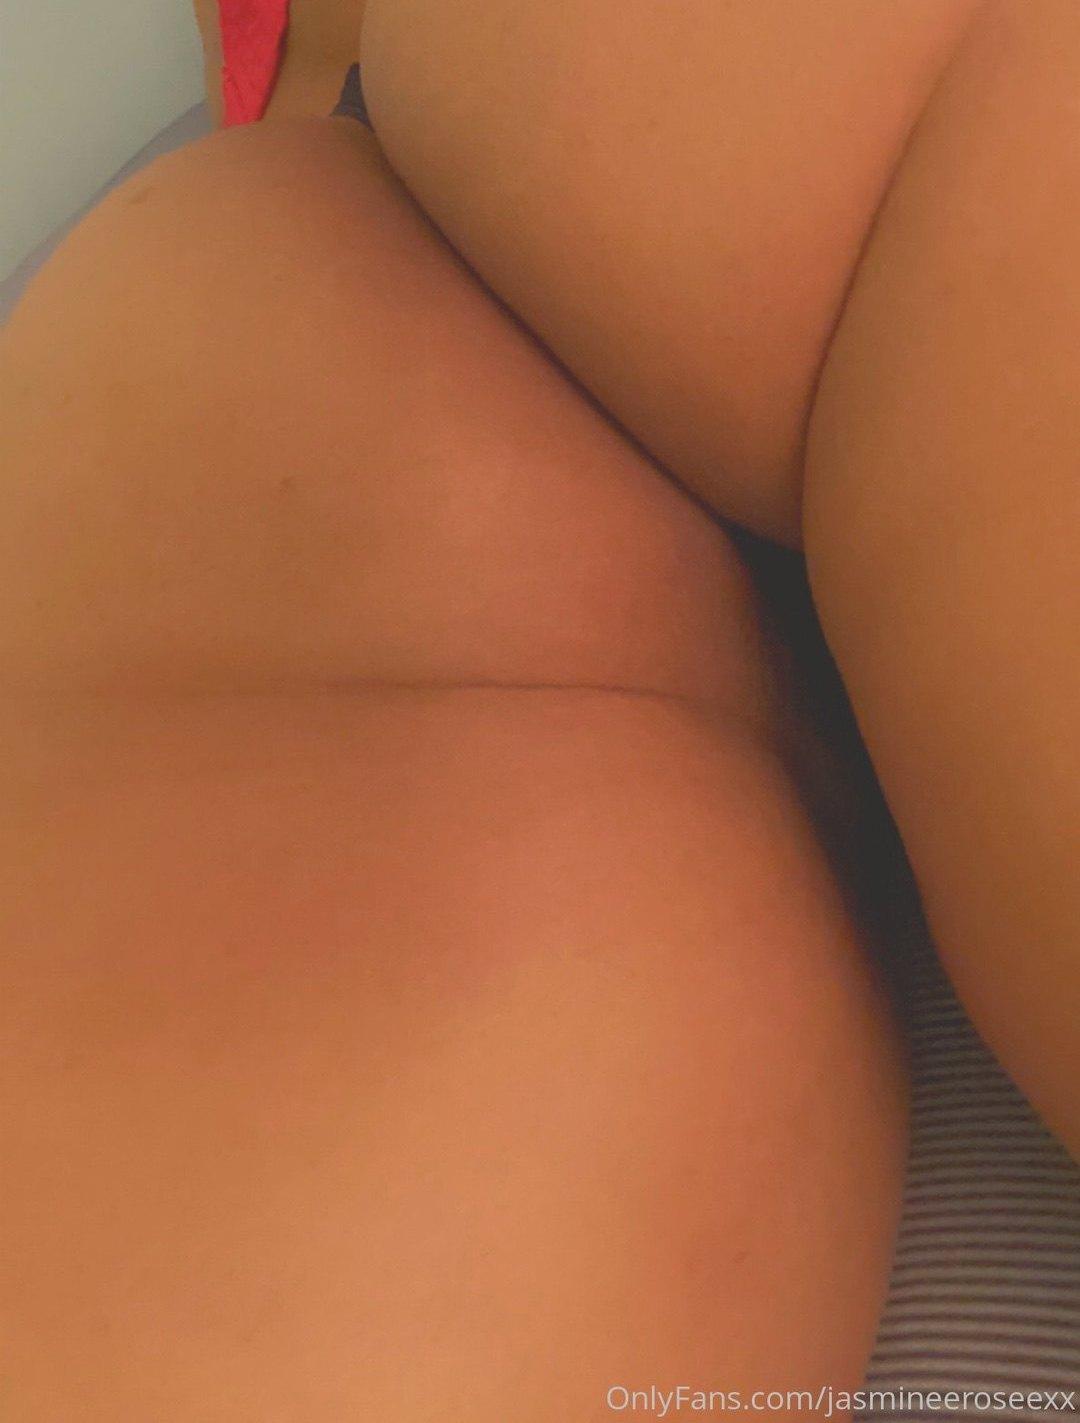 Jasmineeroseexx Onlyfans Nudes Leaks 0064